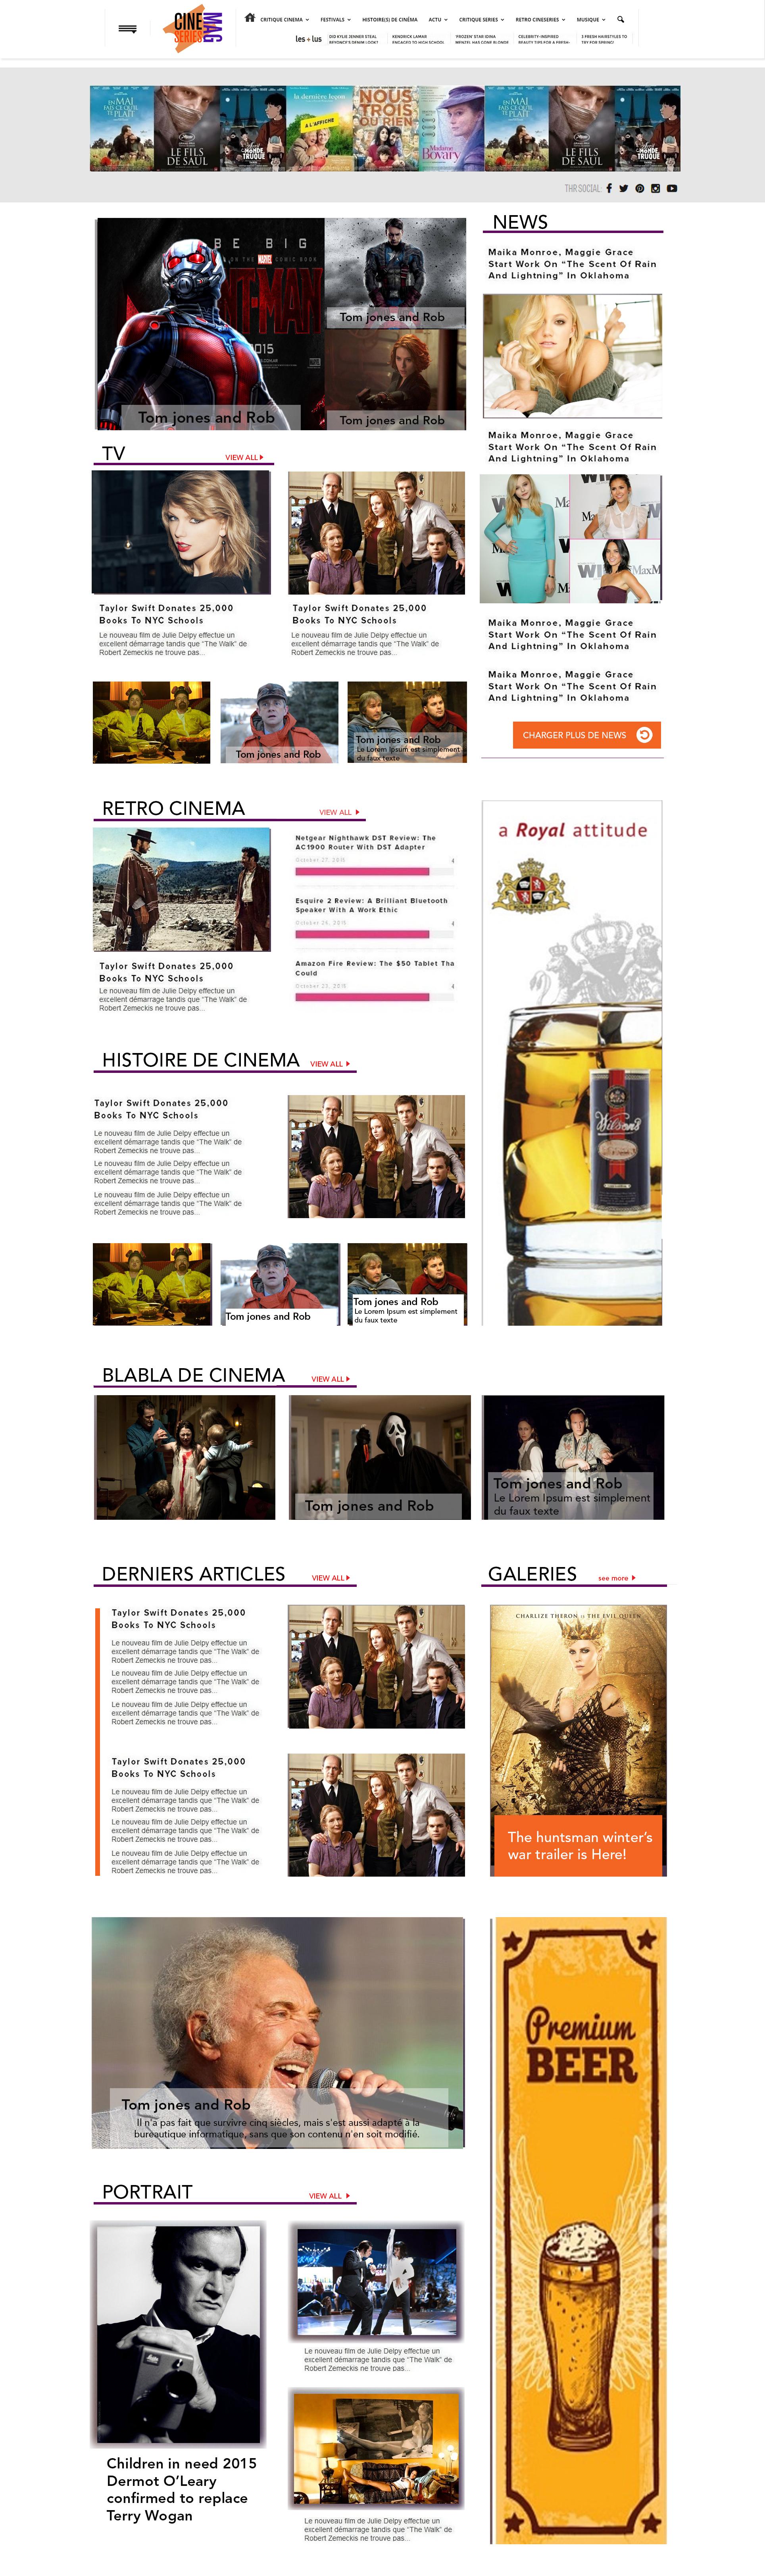 Création de la page d'accueil pour le site cineseries-mag